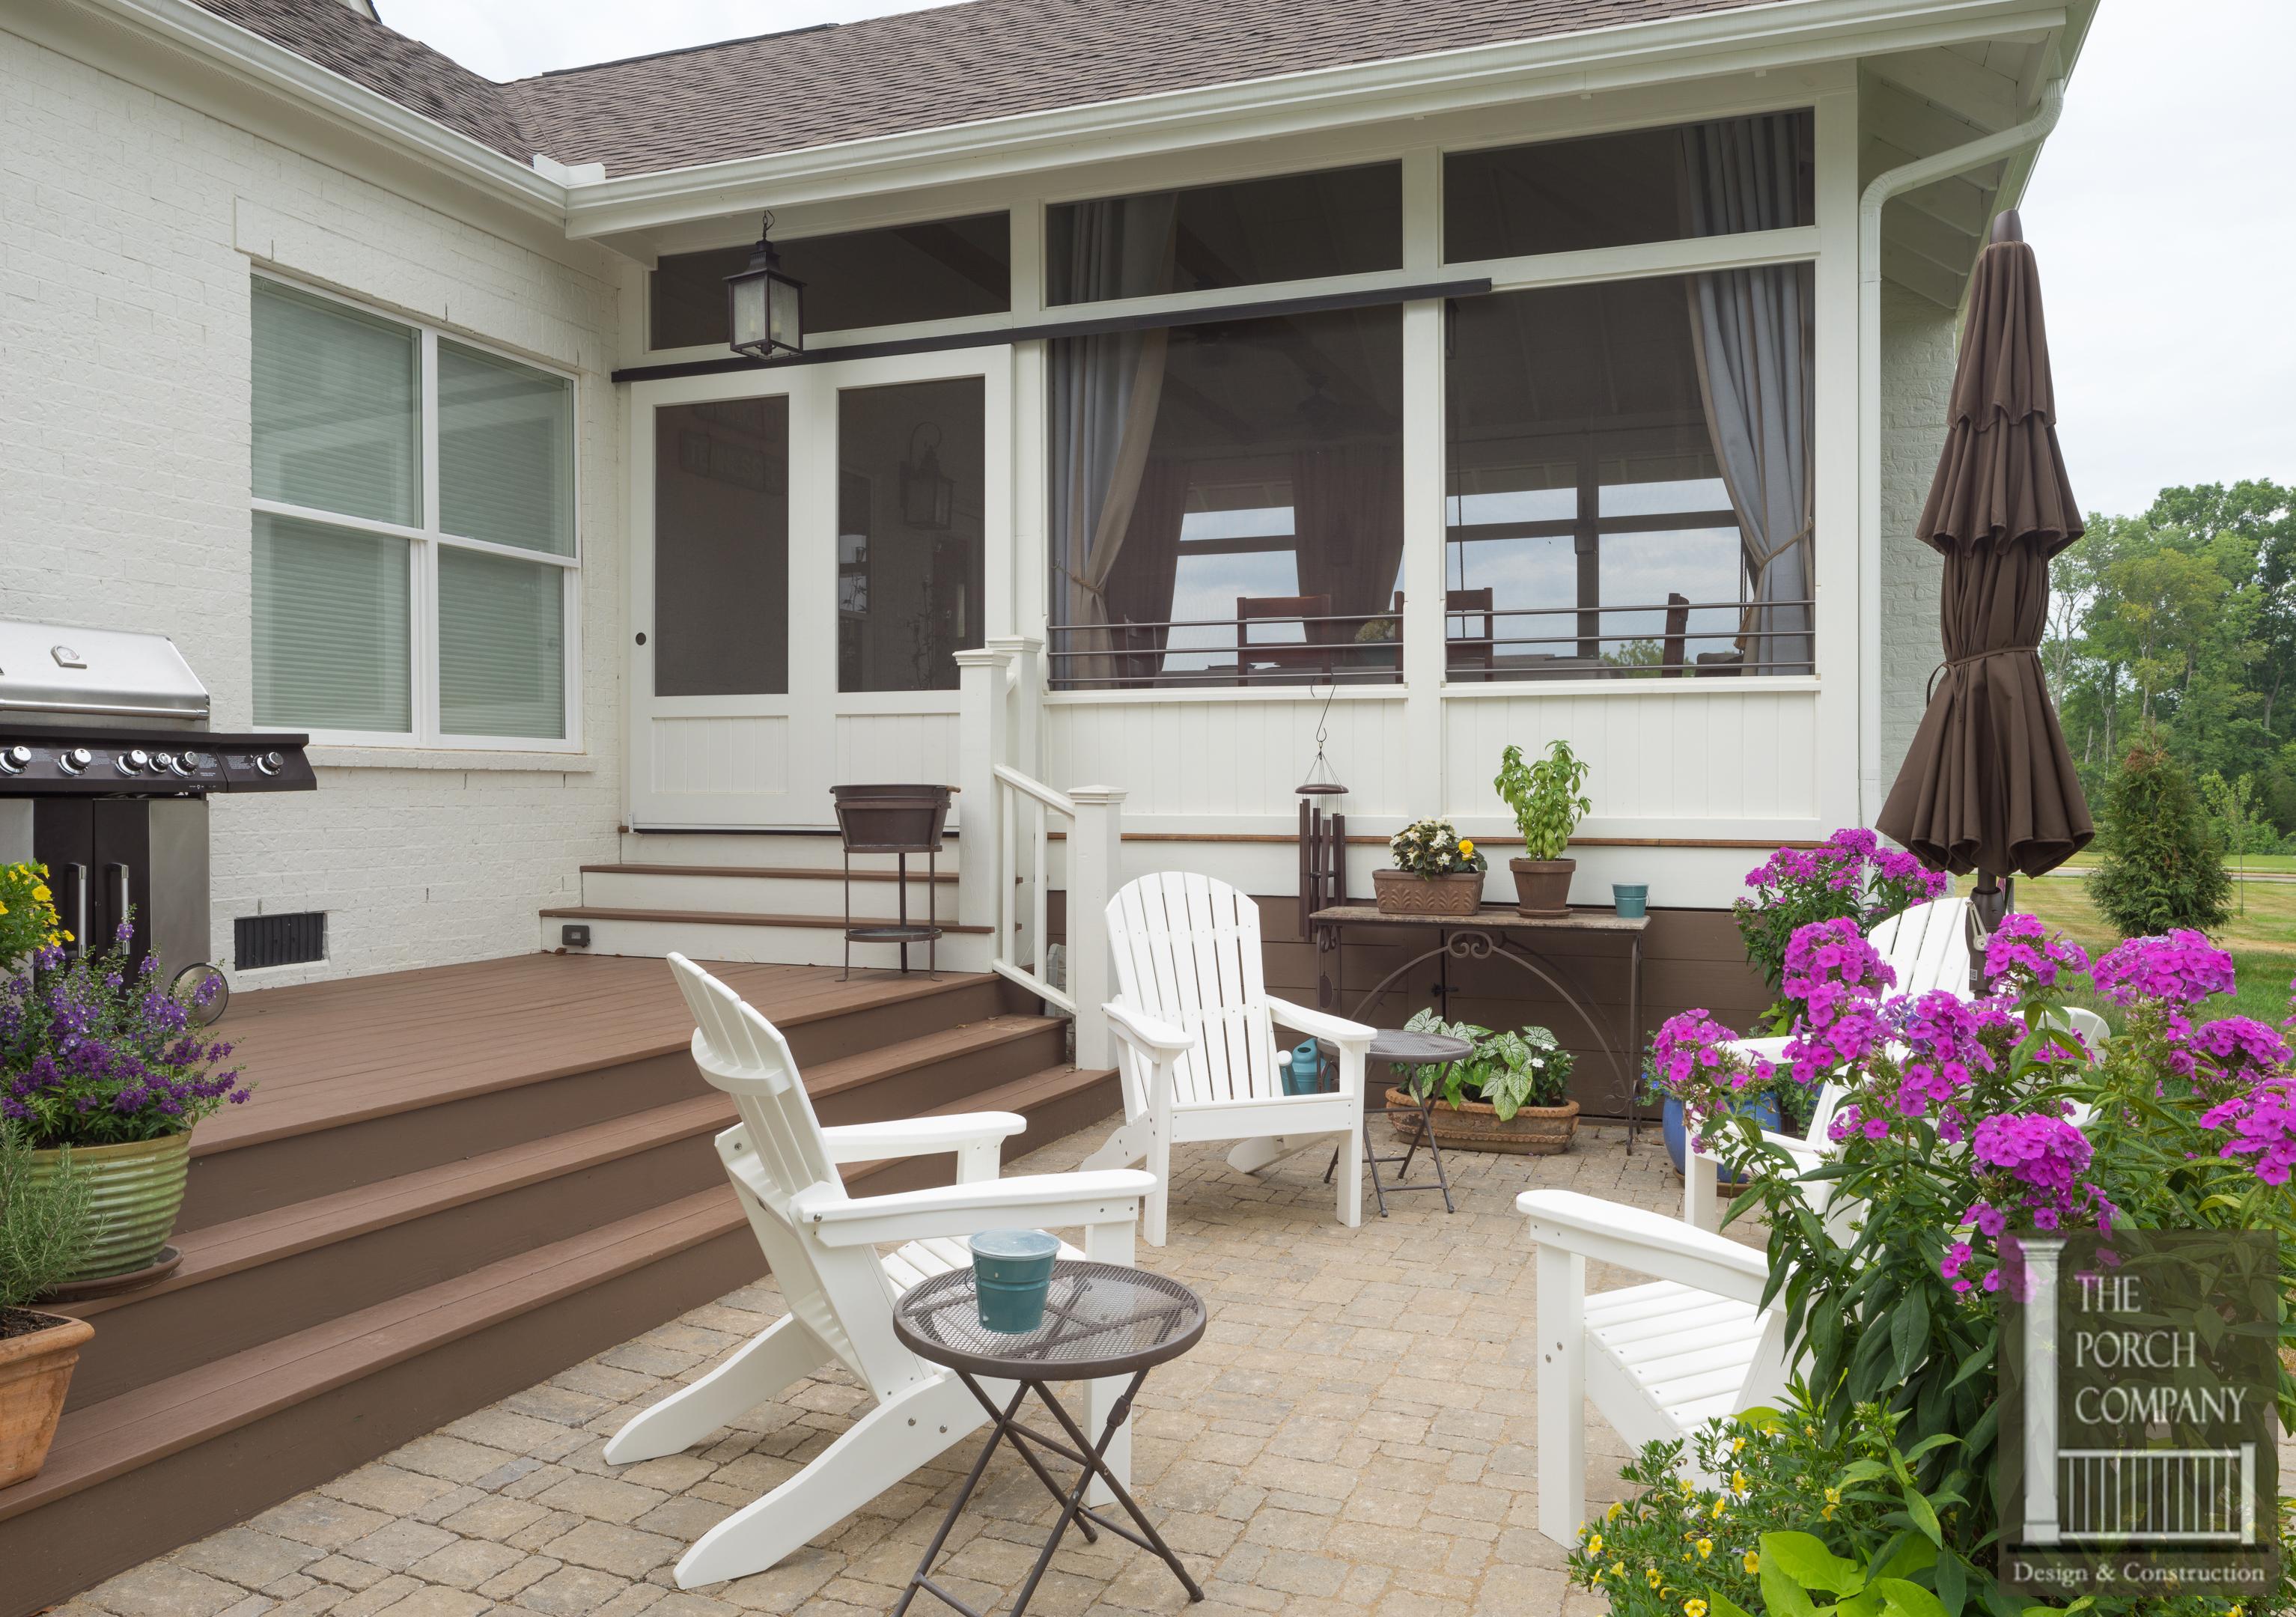 Porch Company Unique Design Features The Porch